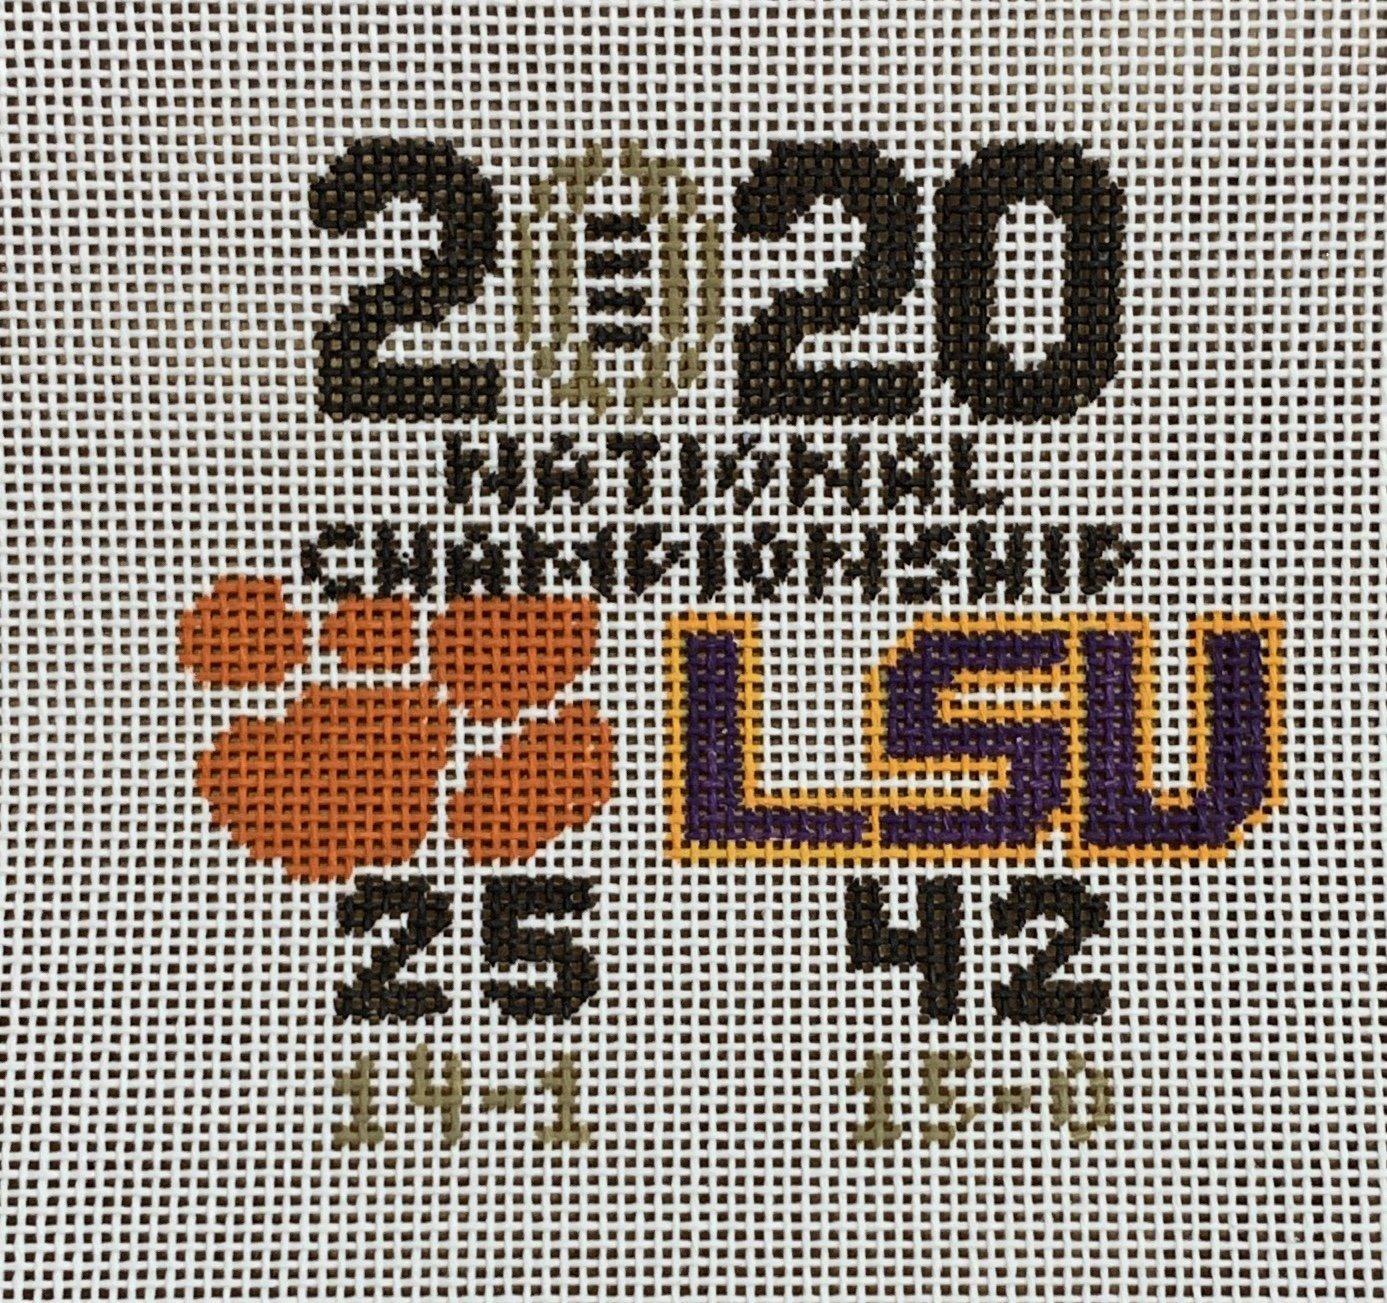 LSU Championship Score 2020